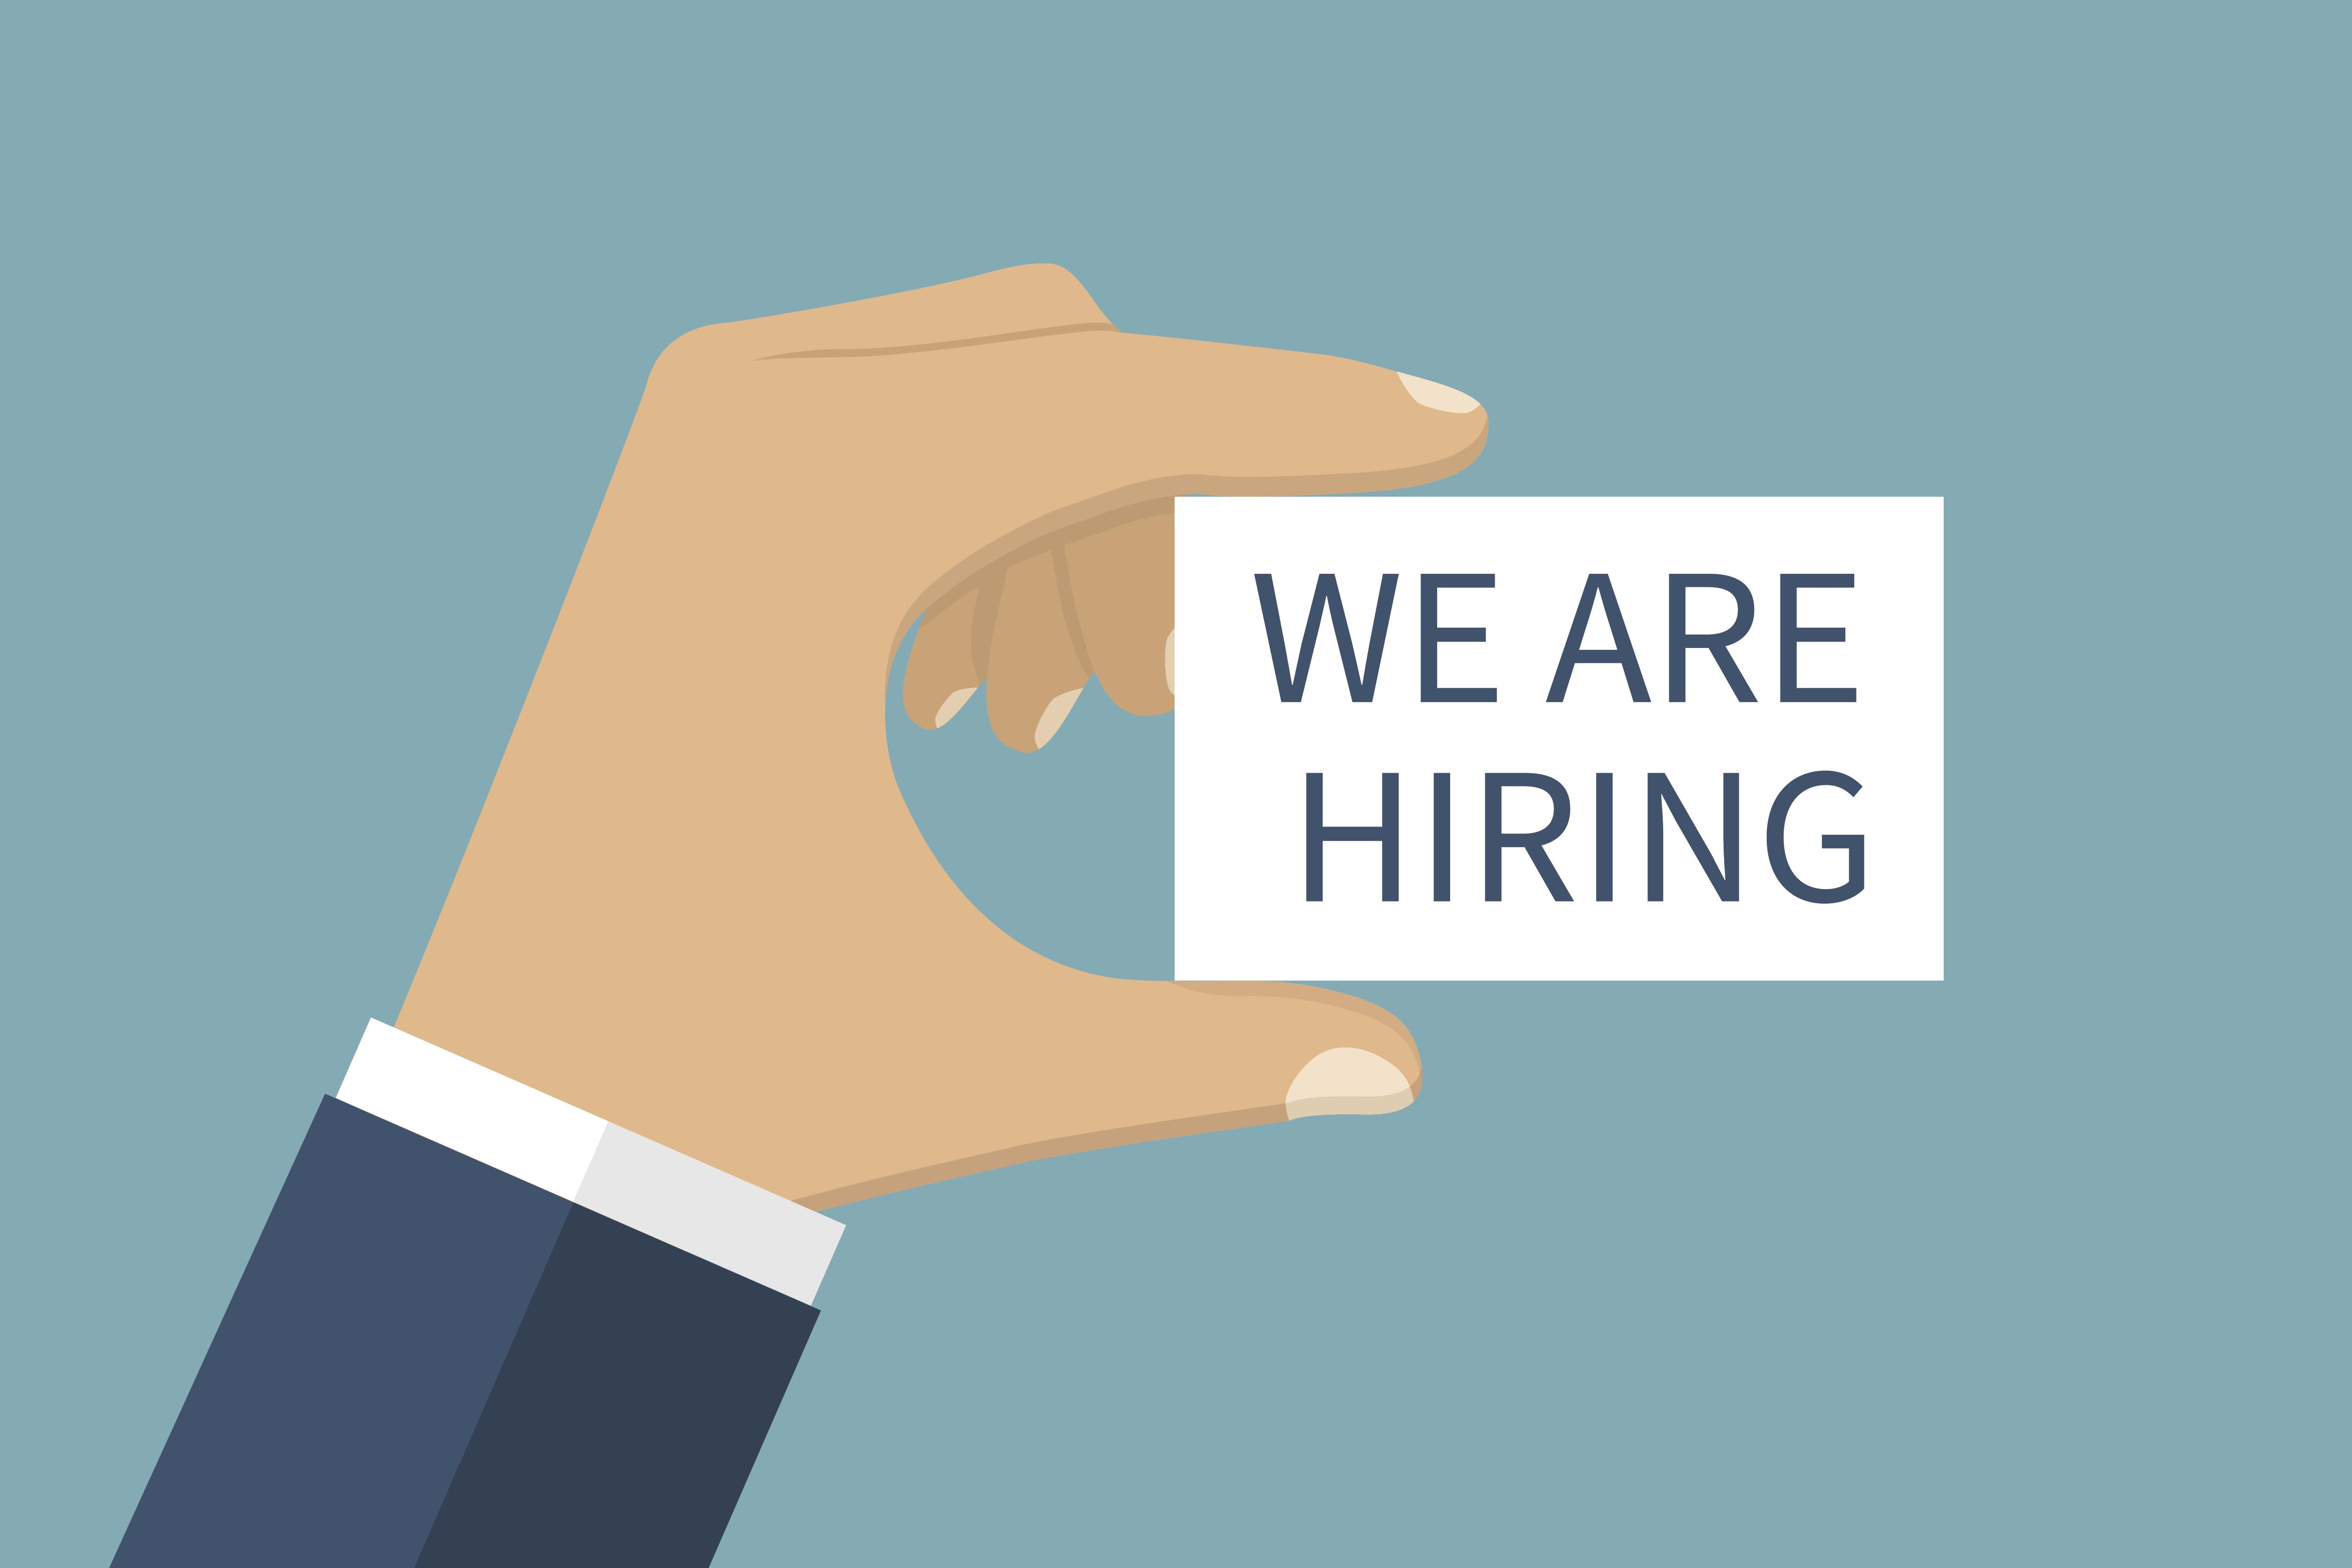 High-end Brazilian job recruitment marketplace Revelo raises $4.6 million